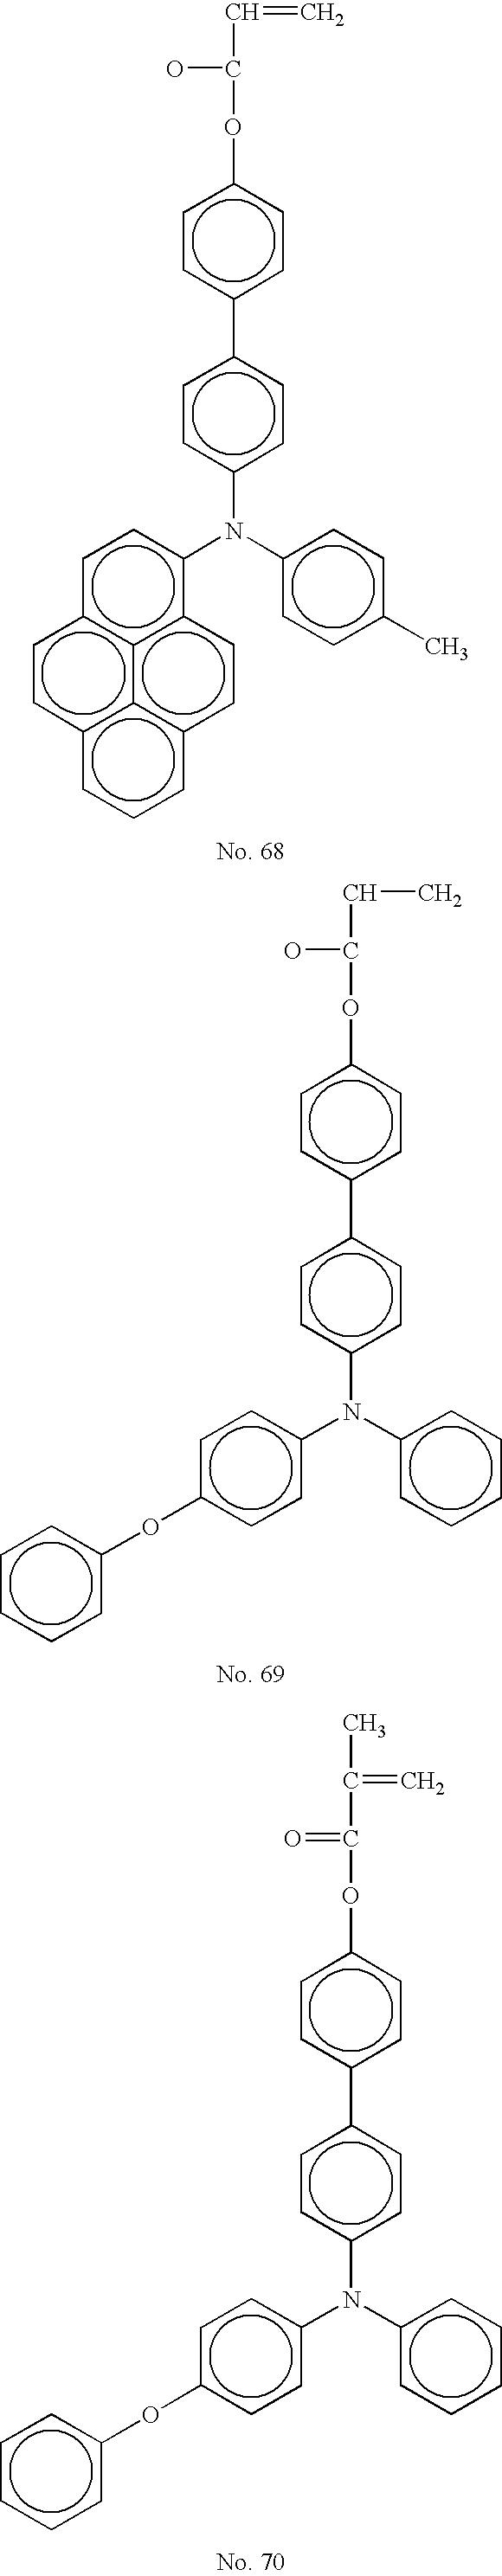 Figure US20070196749A1-20070823-C00025